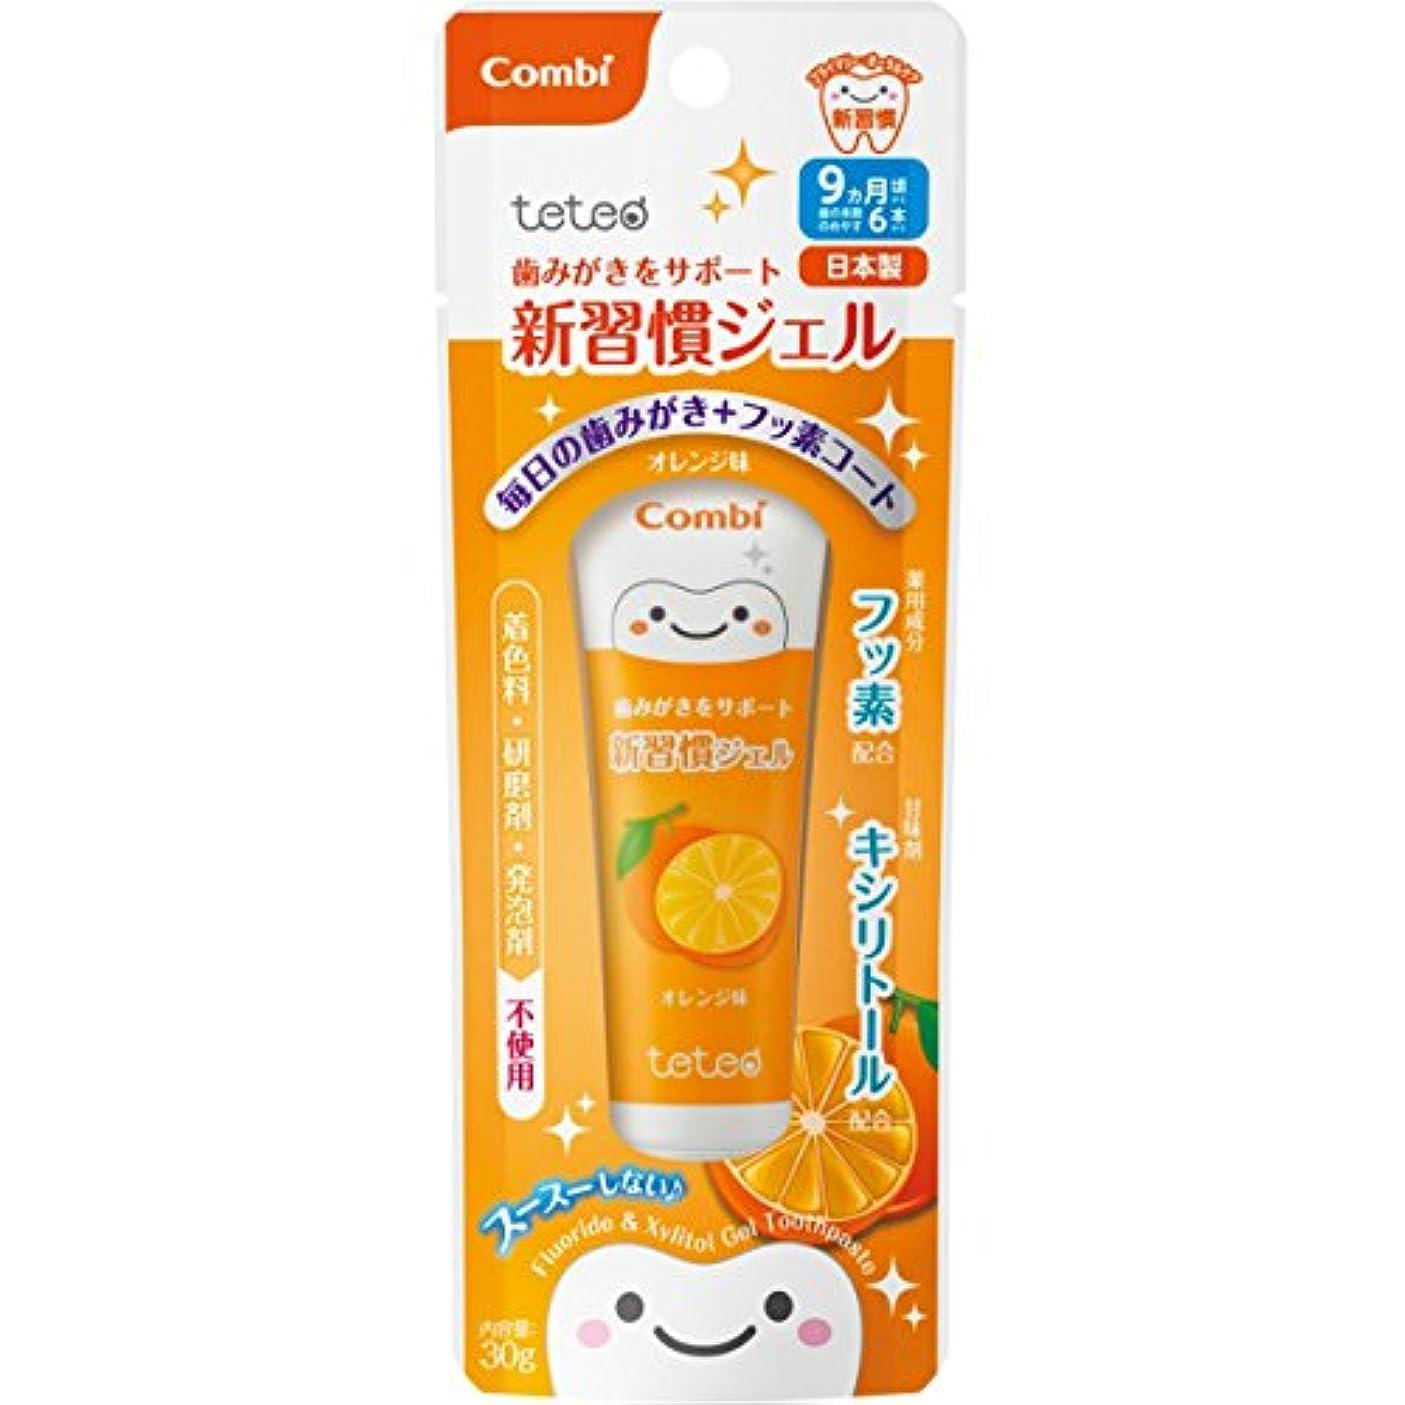 四分円対処する冒険家【テテオ】歯みがきサポート 新習慣ジェル オレンジ味 30g×3個